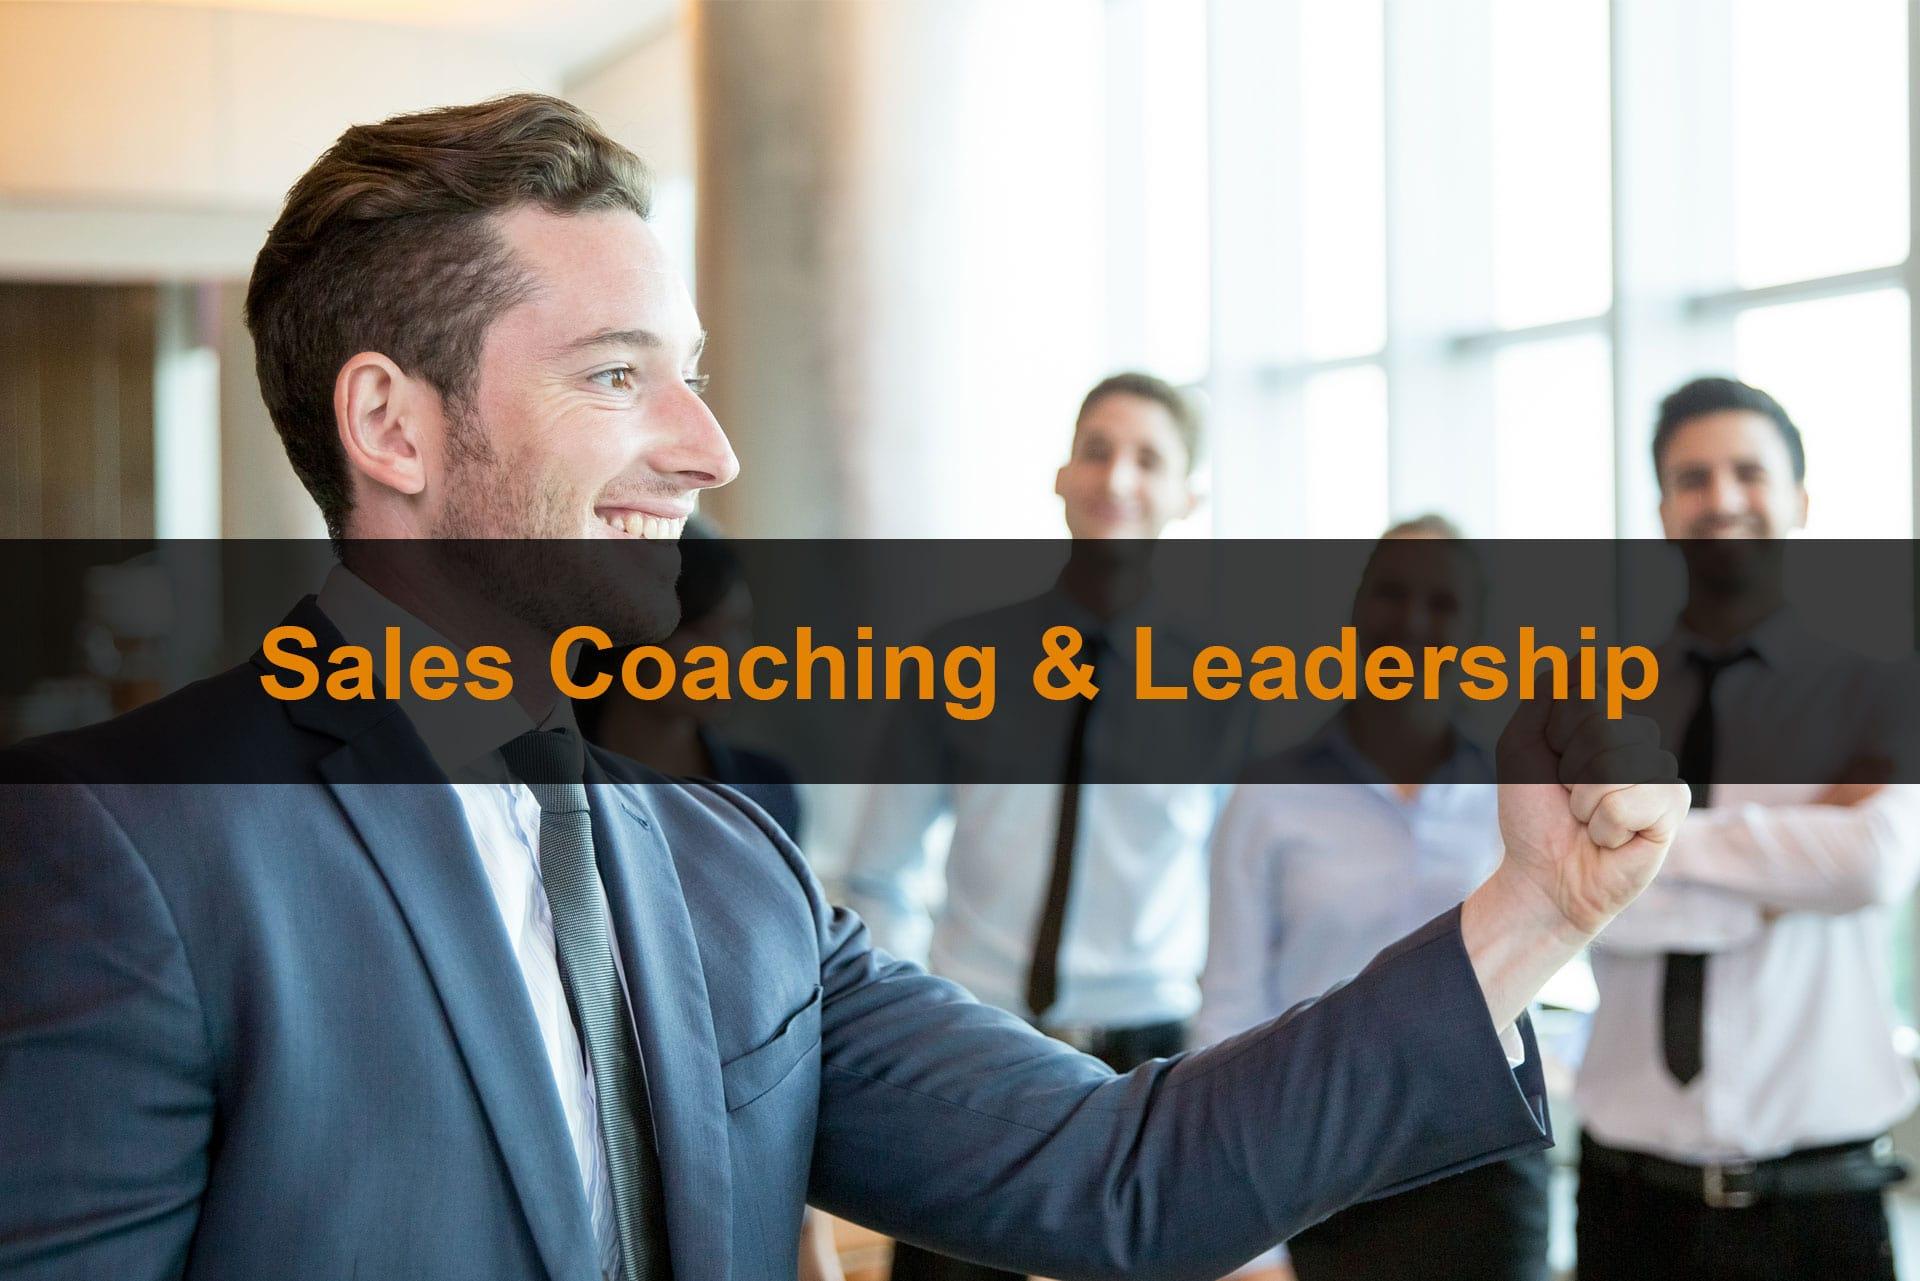 Sales-Coaching-&-Leadership-Artwork-2019-jpg-min